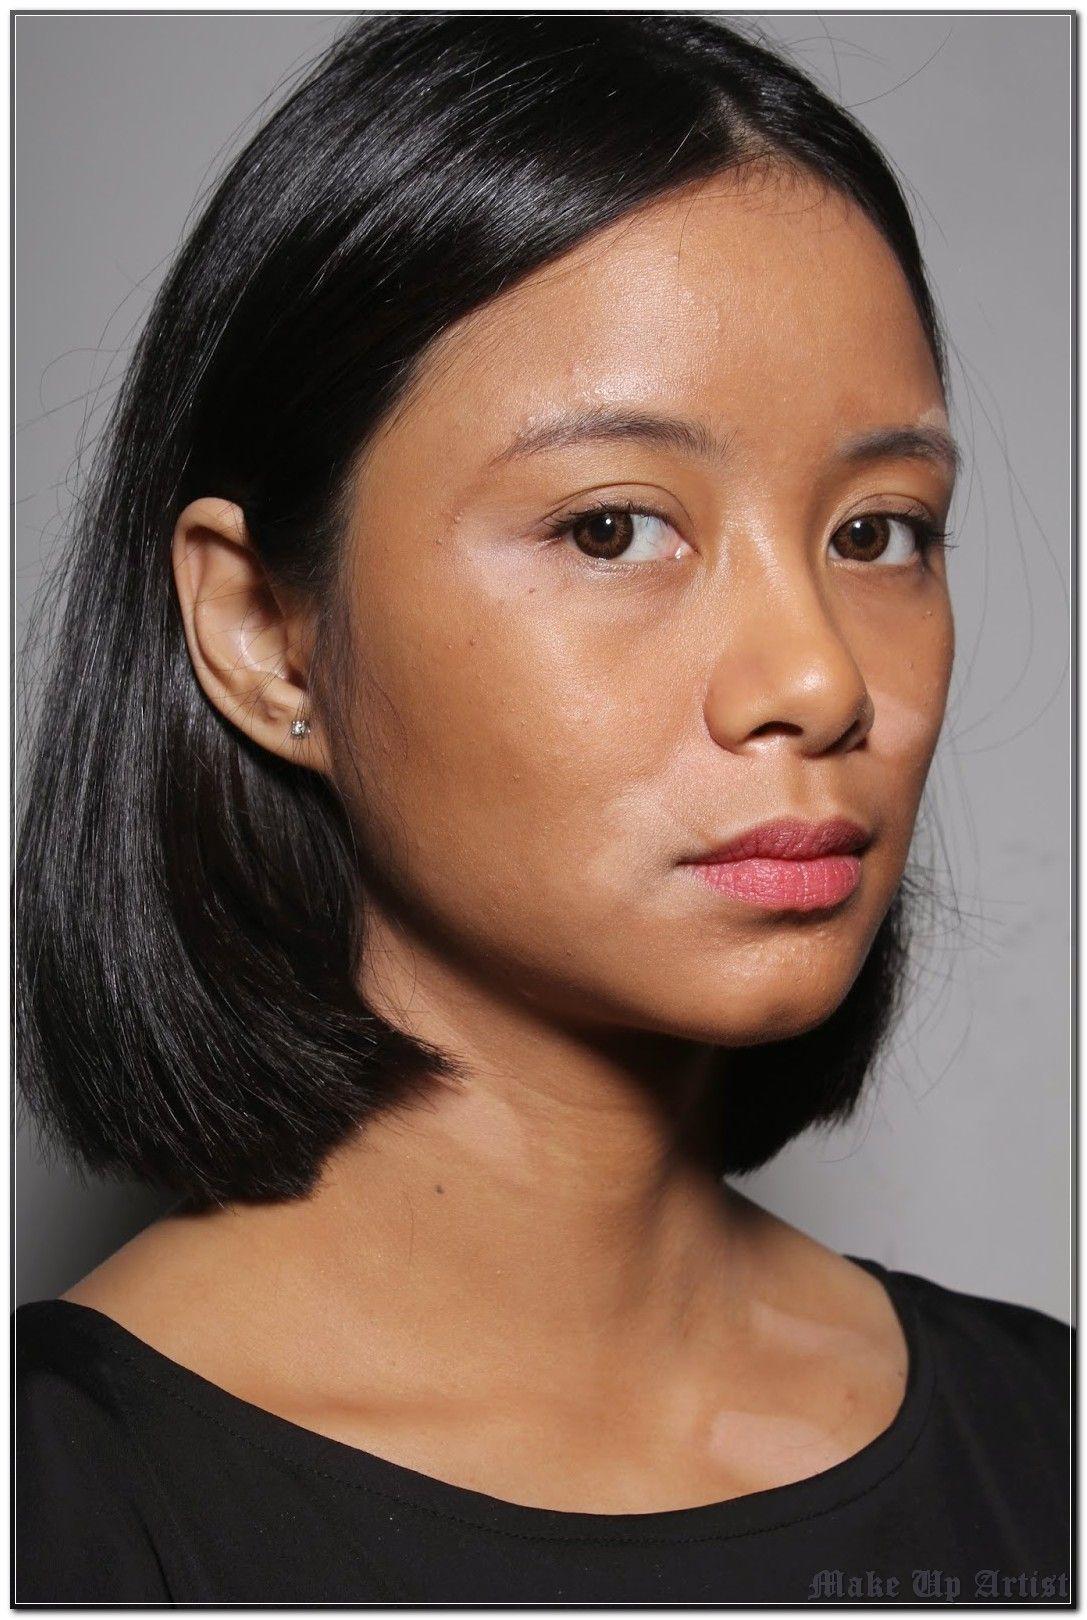 Make Up Artist: Back To Basics